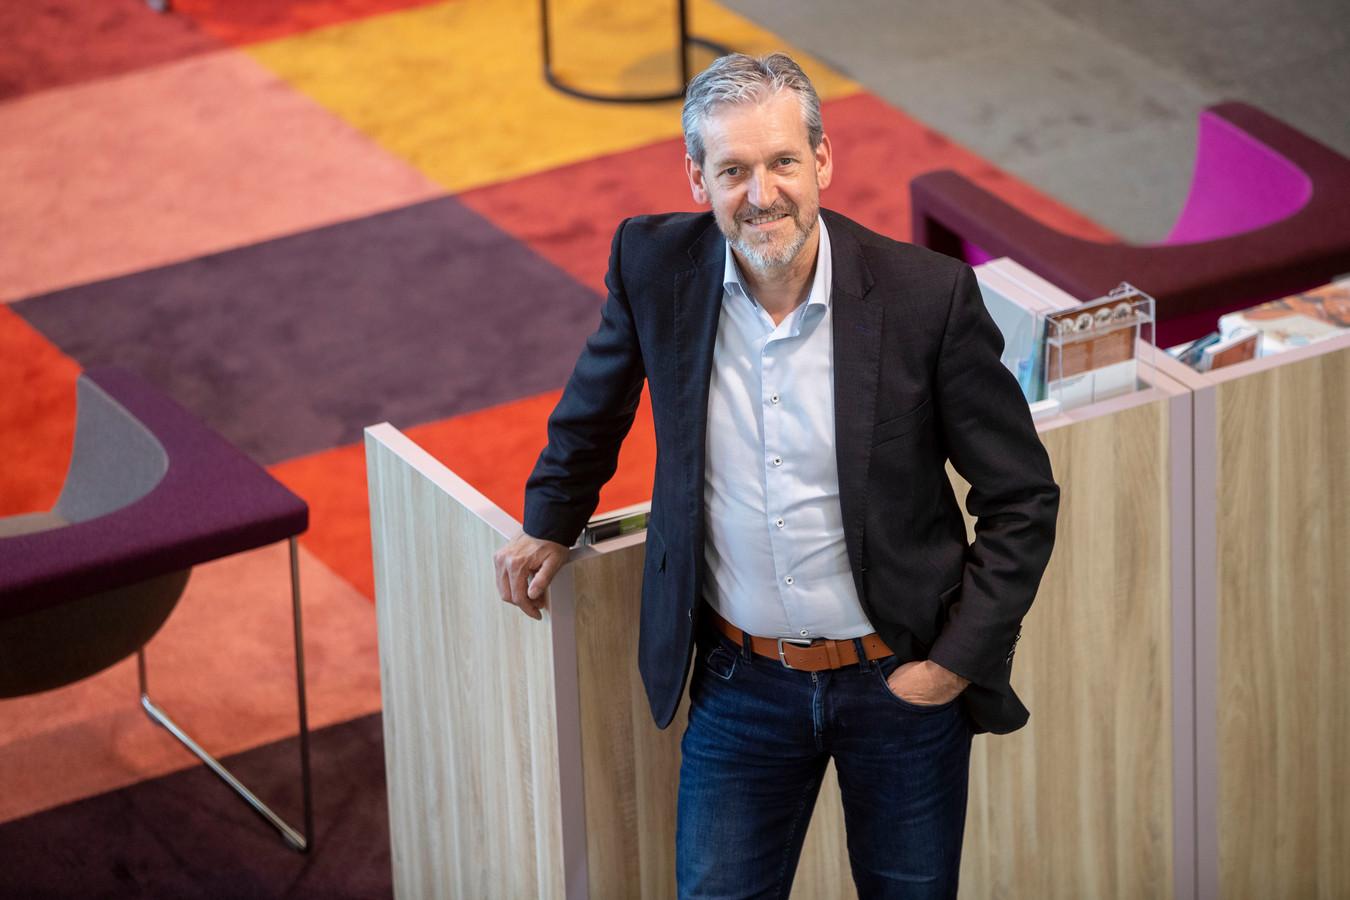 Burgemeester Hans van der Pas van Rhenen krijgt er binnenkort een jeugdige ambtsgenoot in zijn gemeente bij.